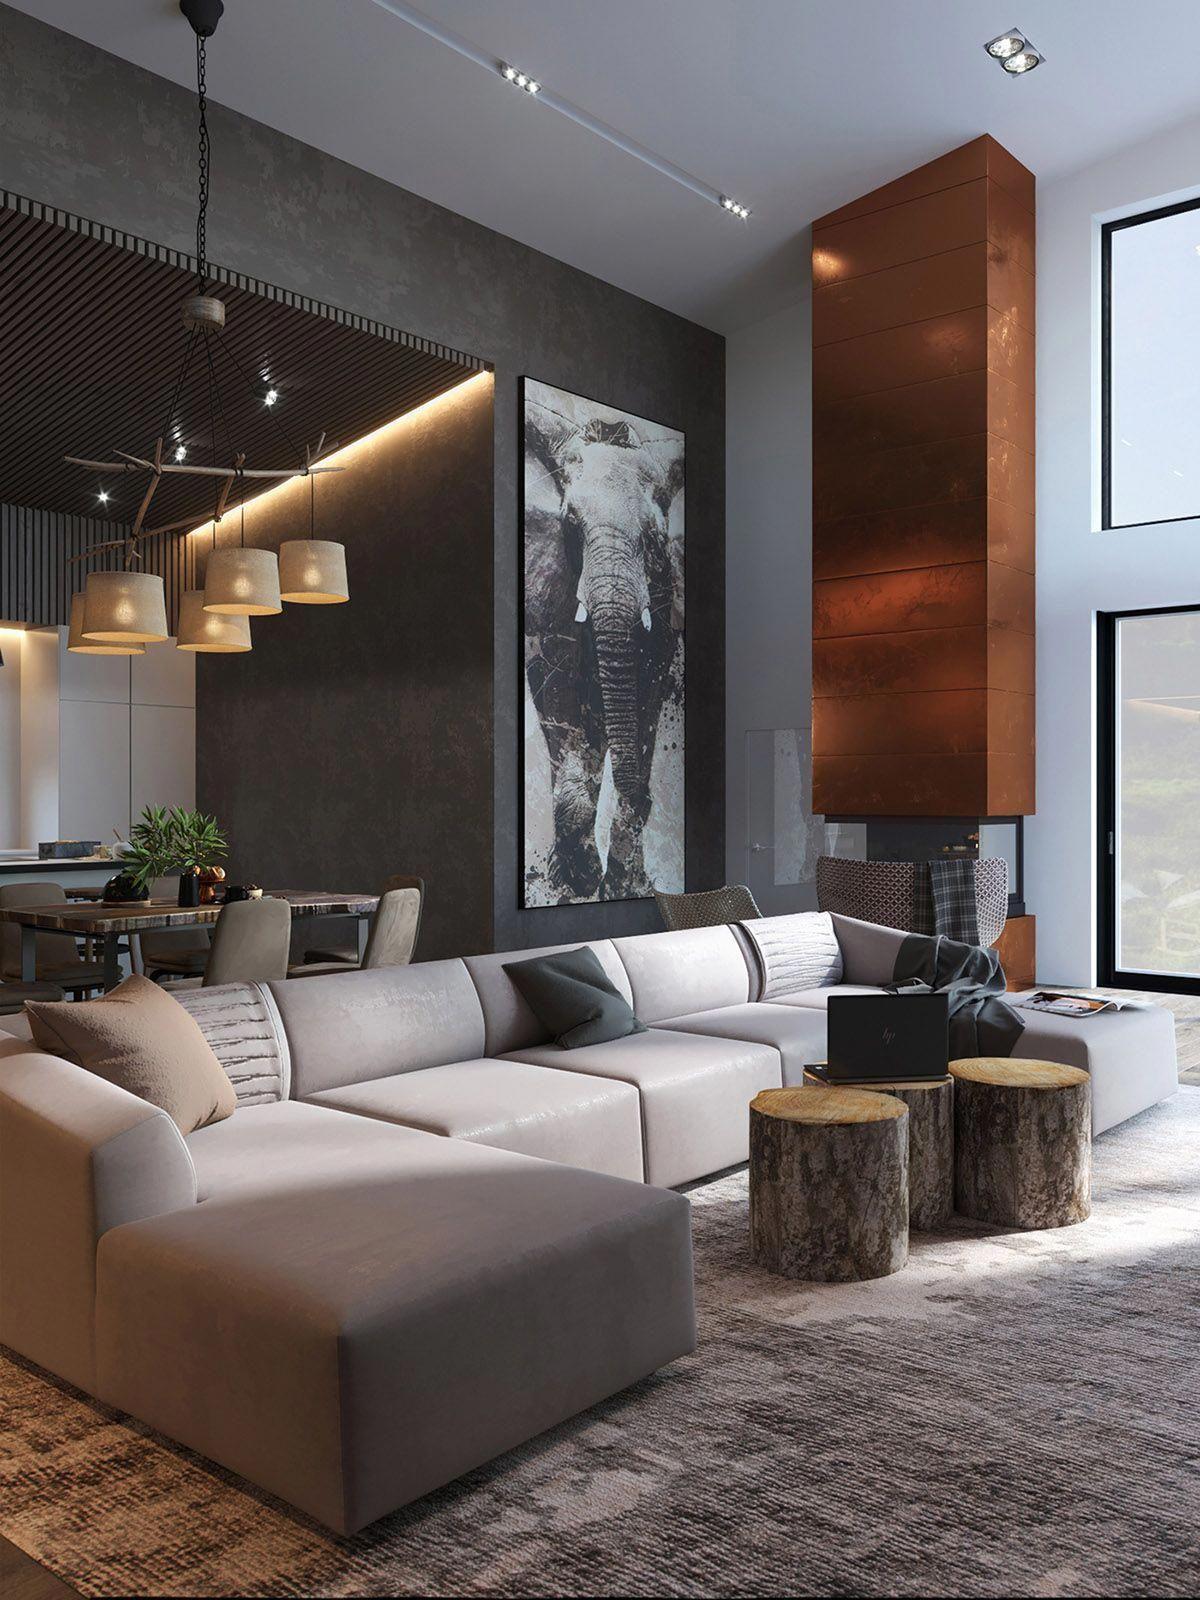 Disenador De Los Muebles De Lujo Articulos Para El Hogar Accesorios Y Regalos Diseno De Interiores Moderno Decoracion De Interiores Moderna Interiores De Casa